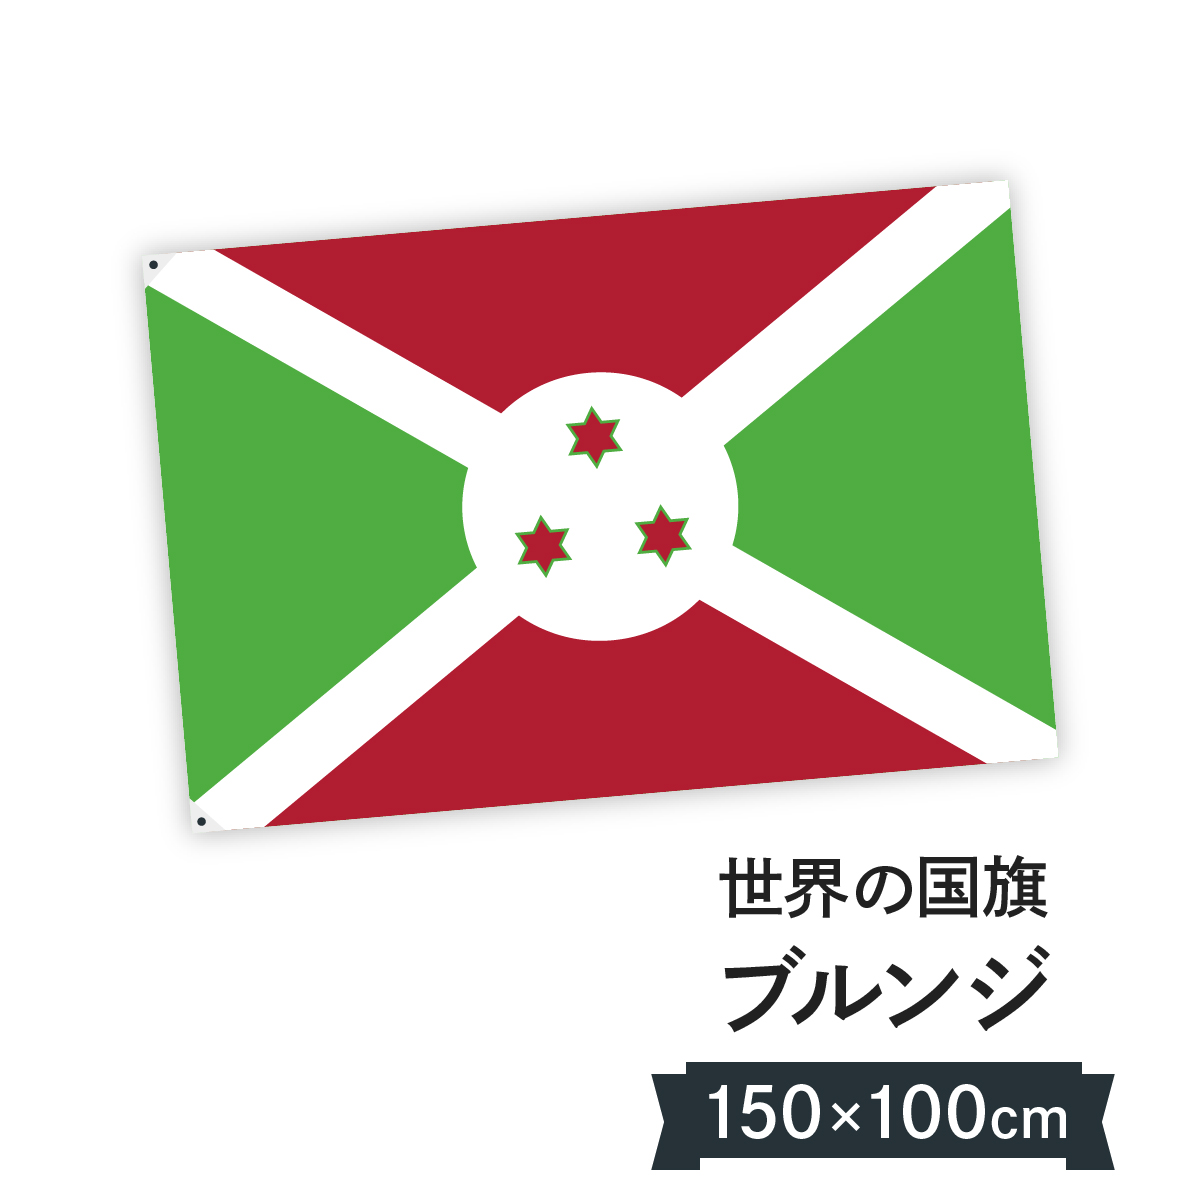 ブルンジ共和国 国旗 W150cm H100cm